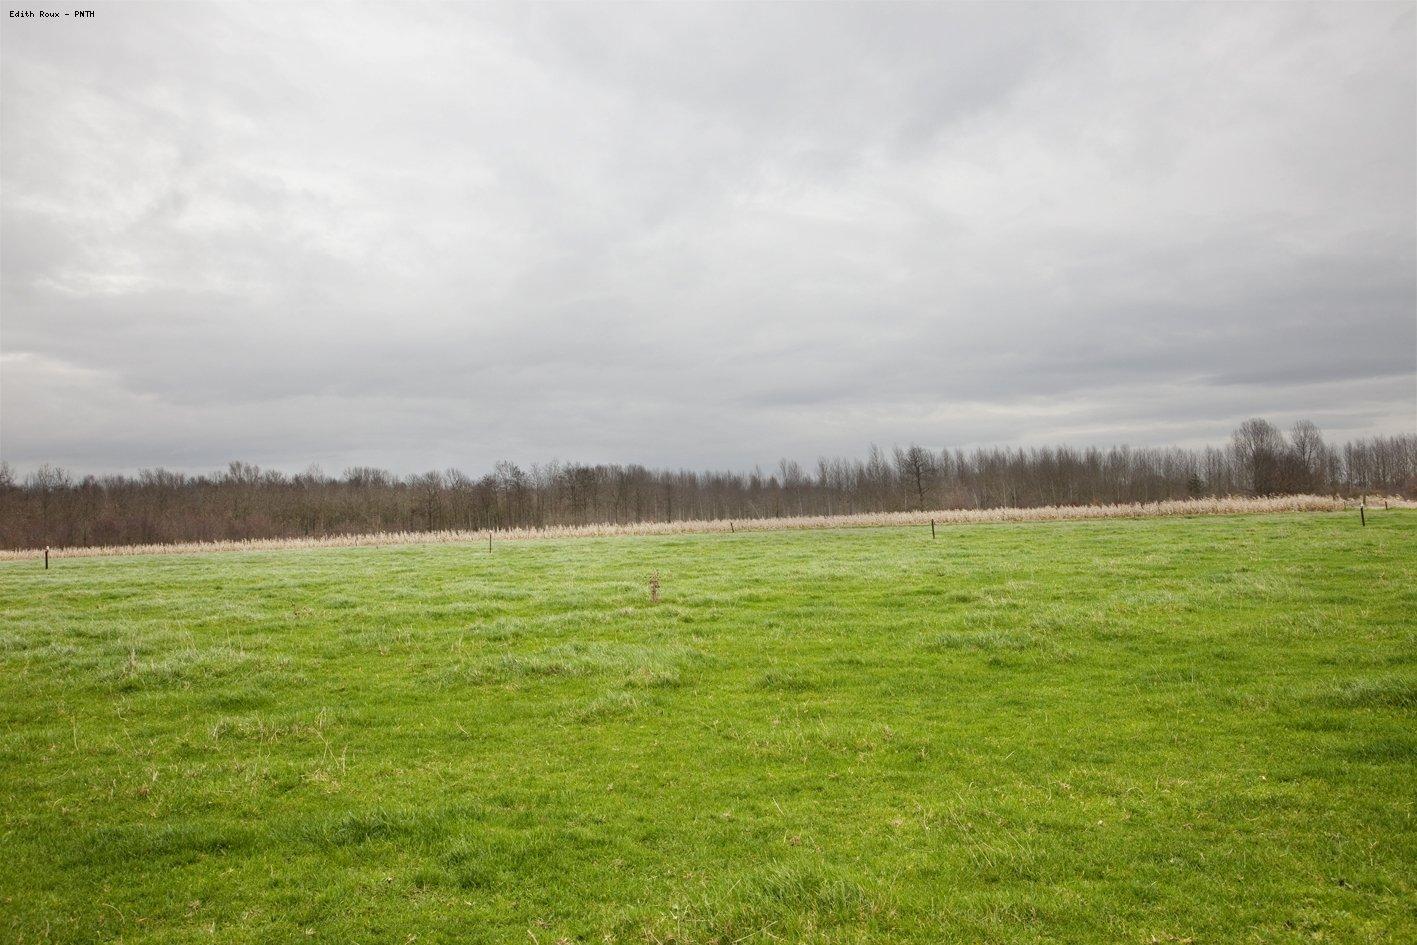 Observatoire photographique transfrontalier des paysages for Paysage definition